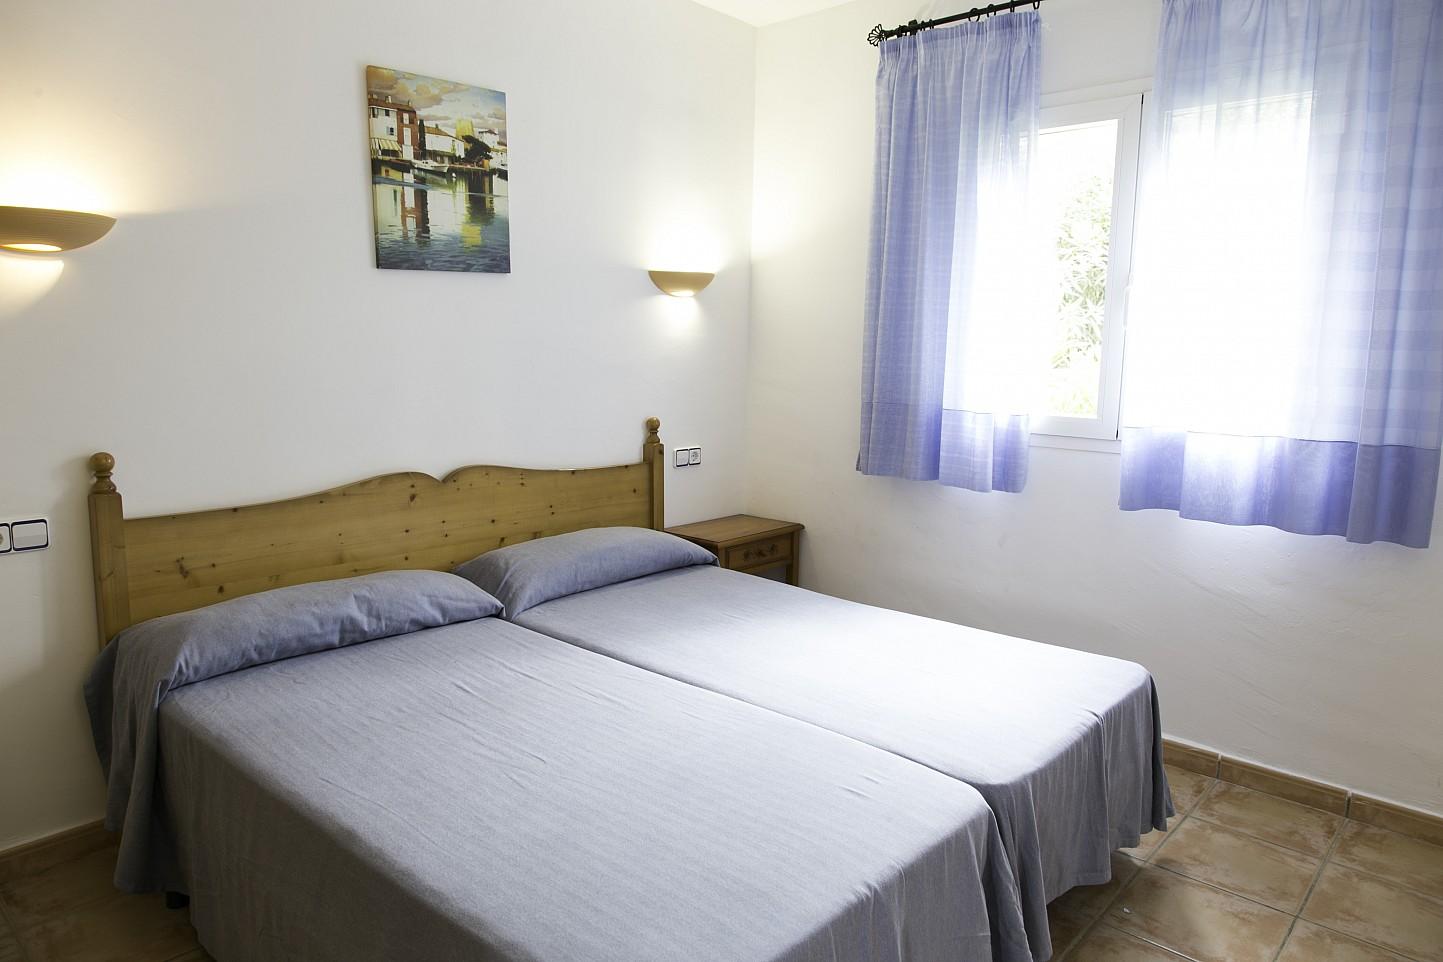 Dormitori d'una casa en venda a Villas de Cala Romántica, Mallorca